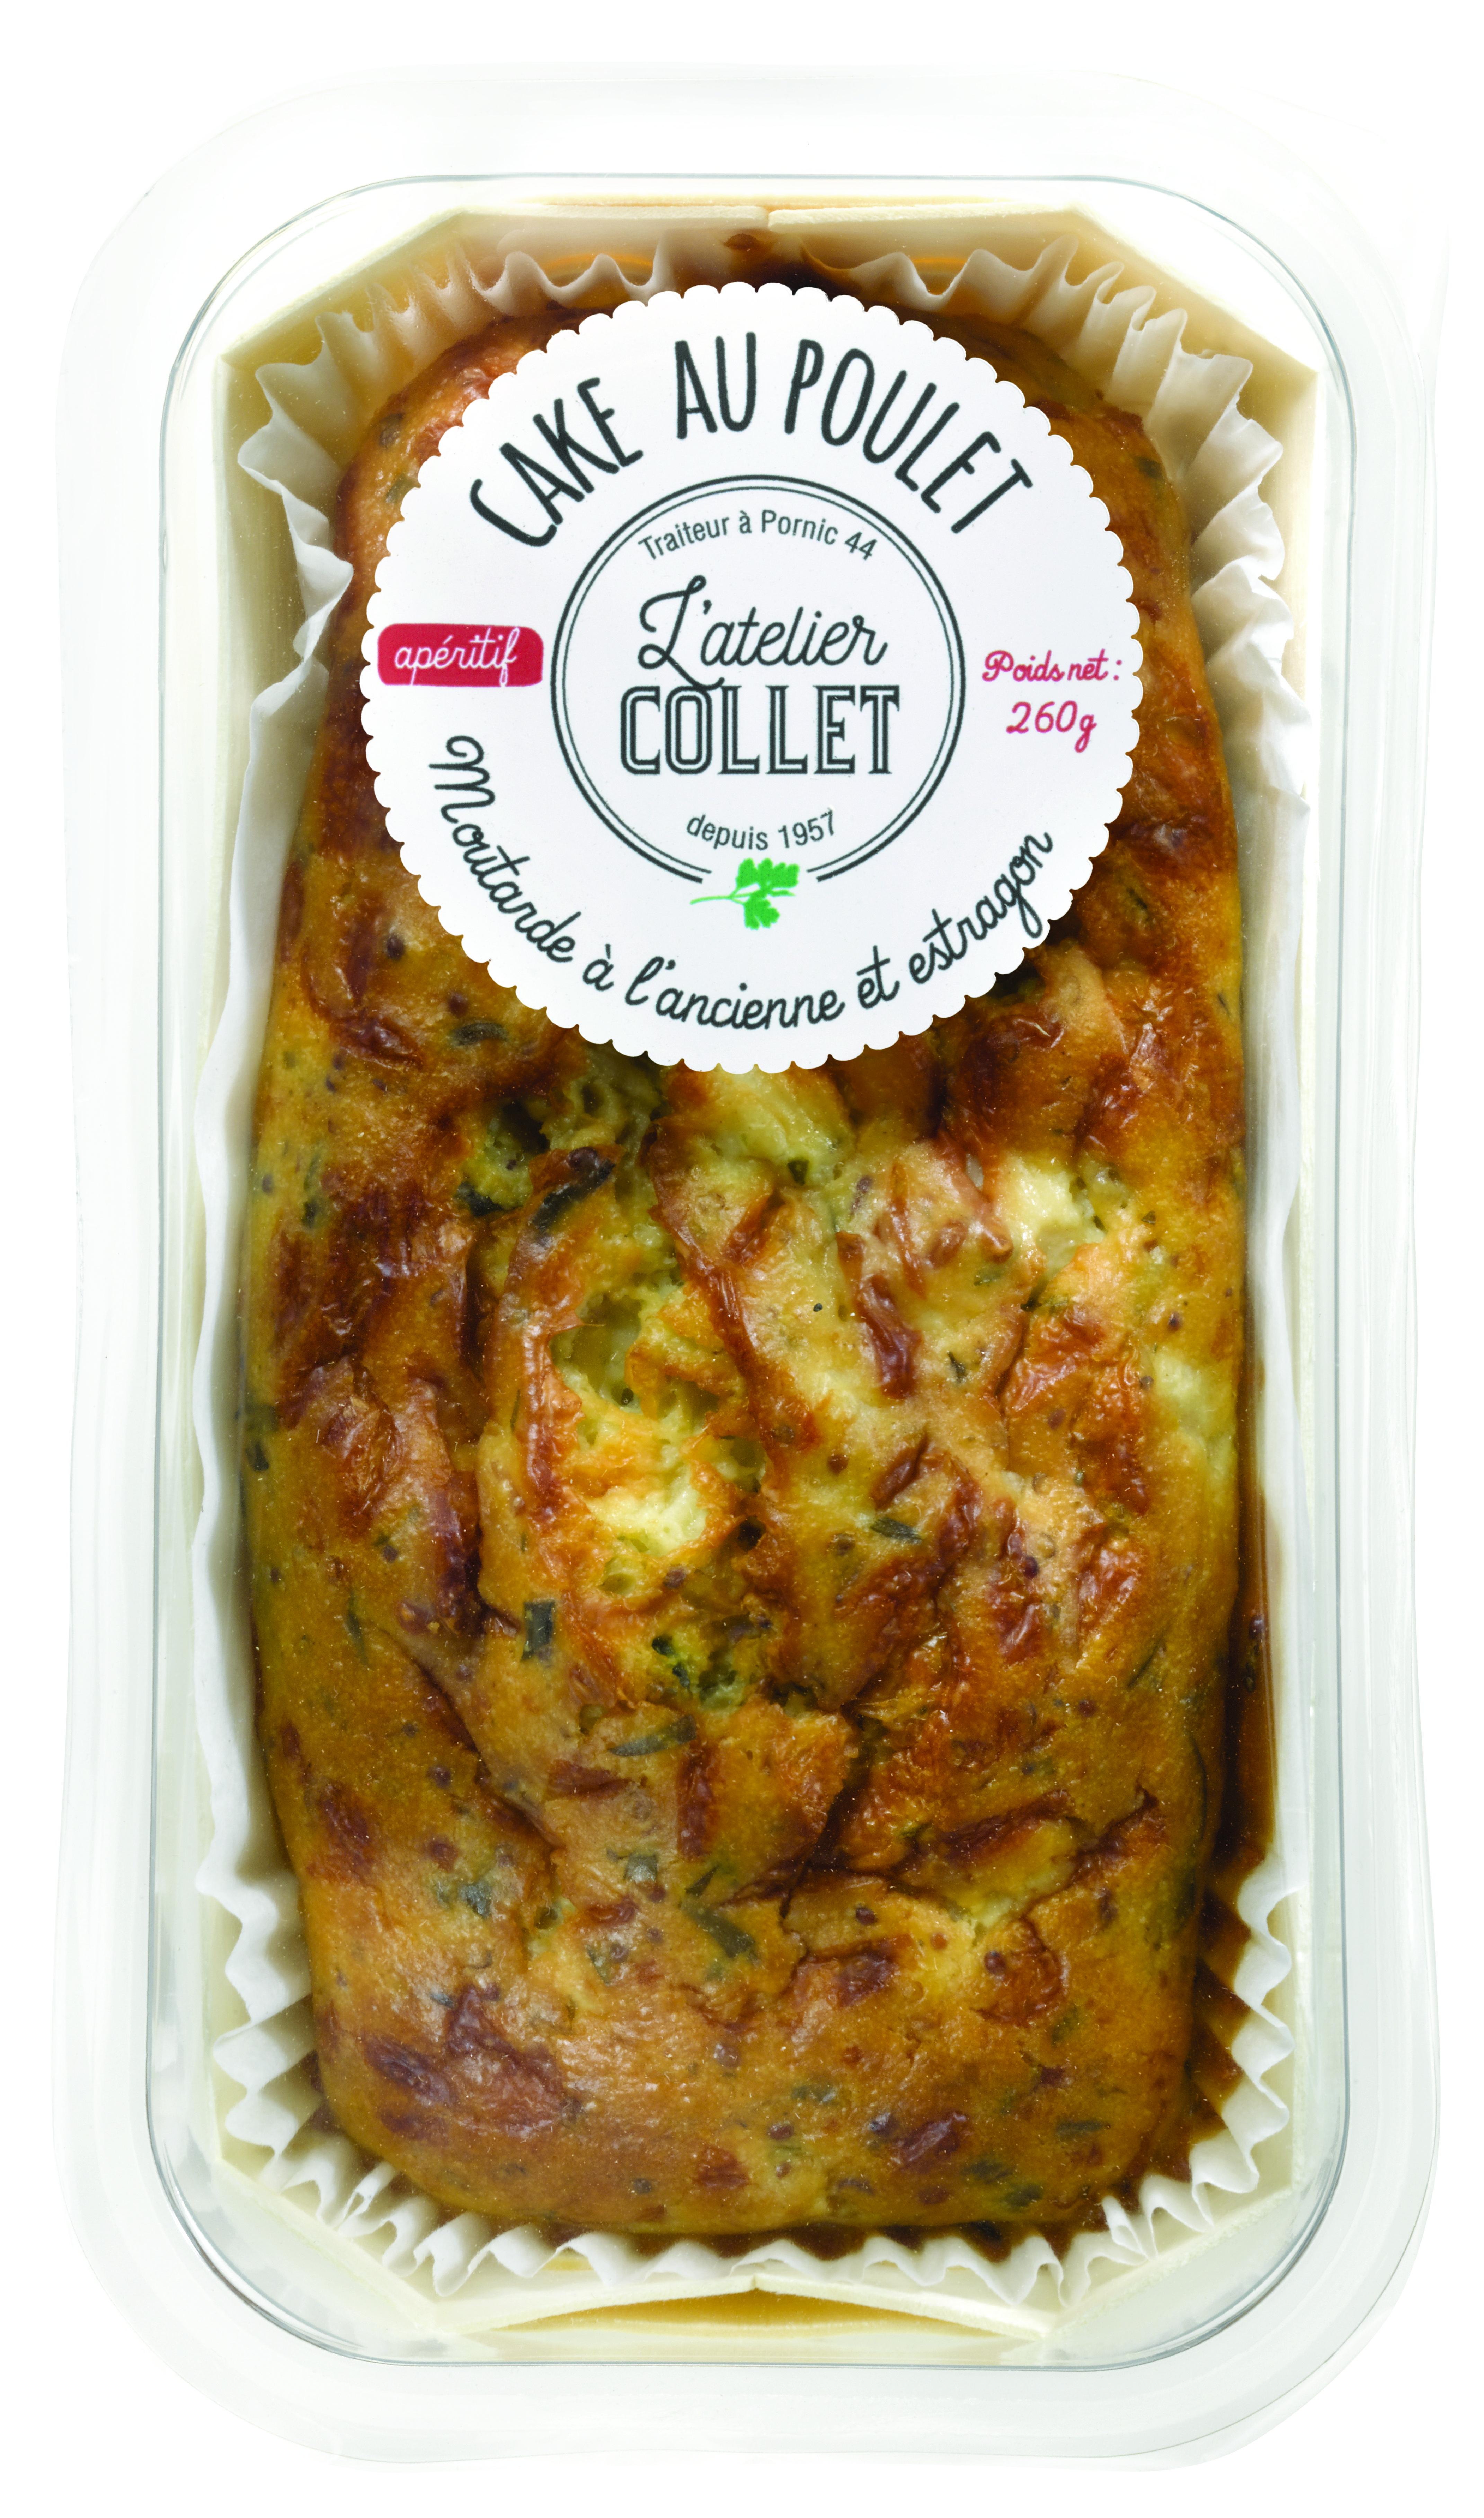 Cake Poulet moutarde à l'ancienne et estragon, L'atelier Collet (260 g)